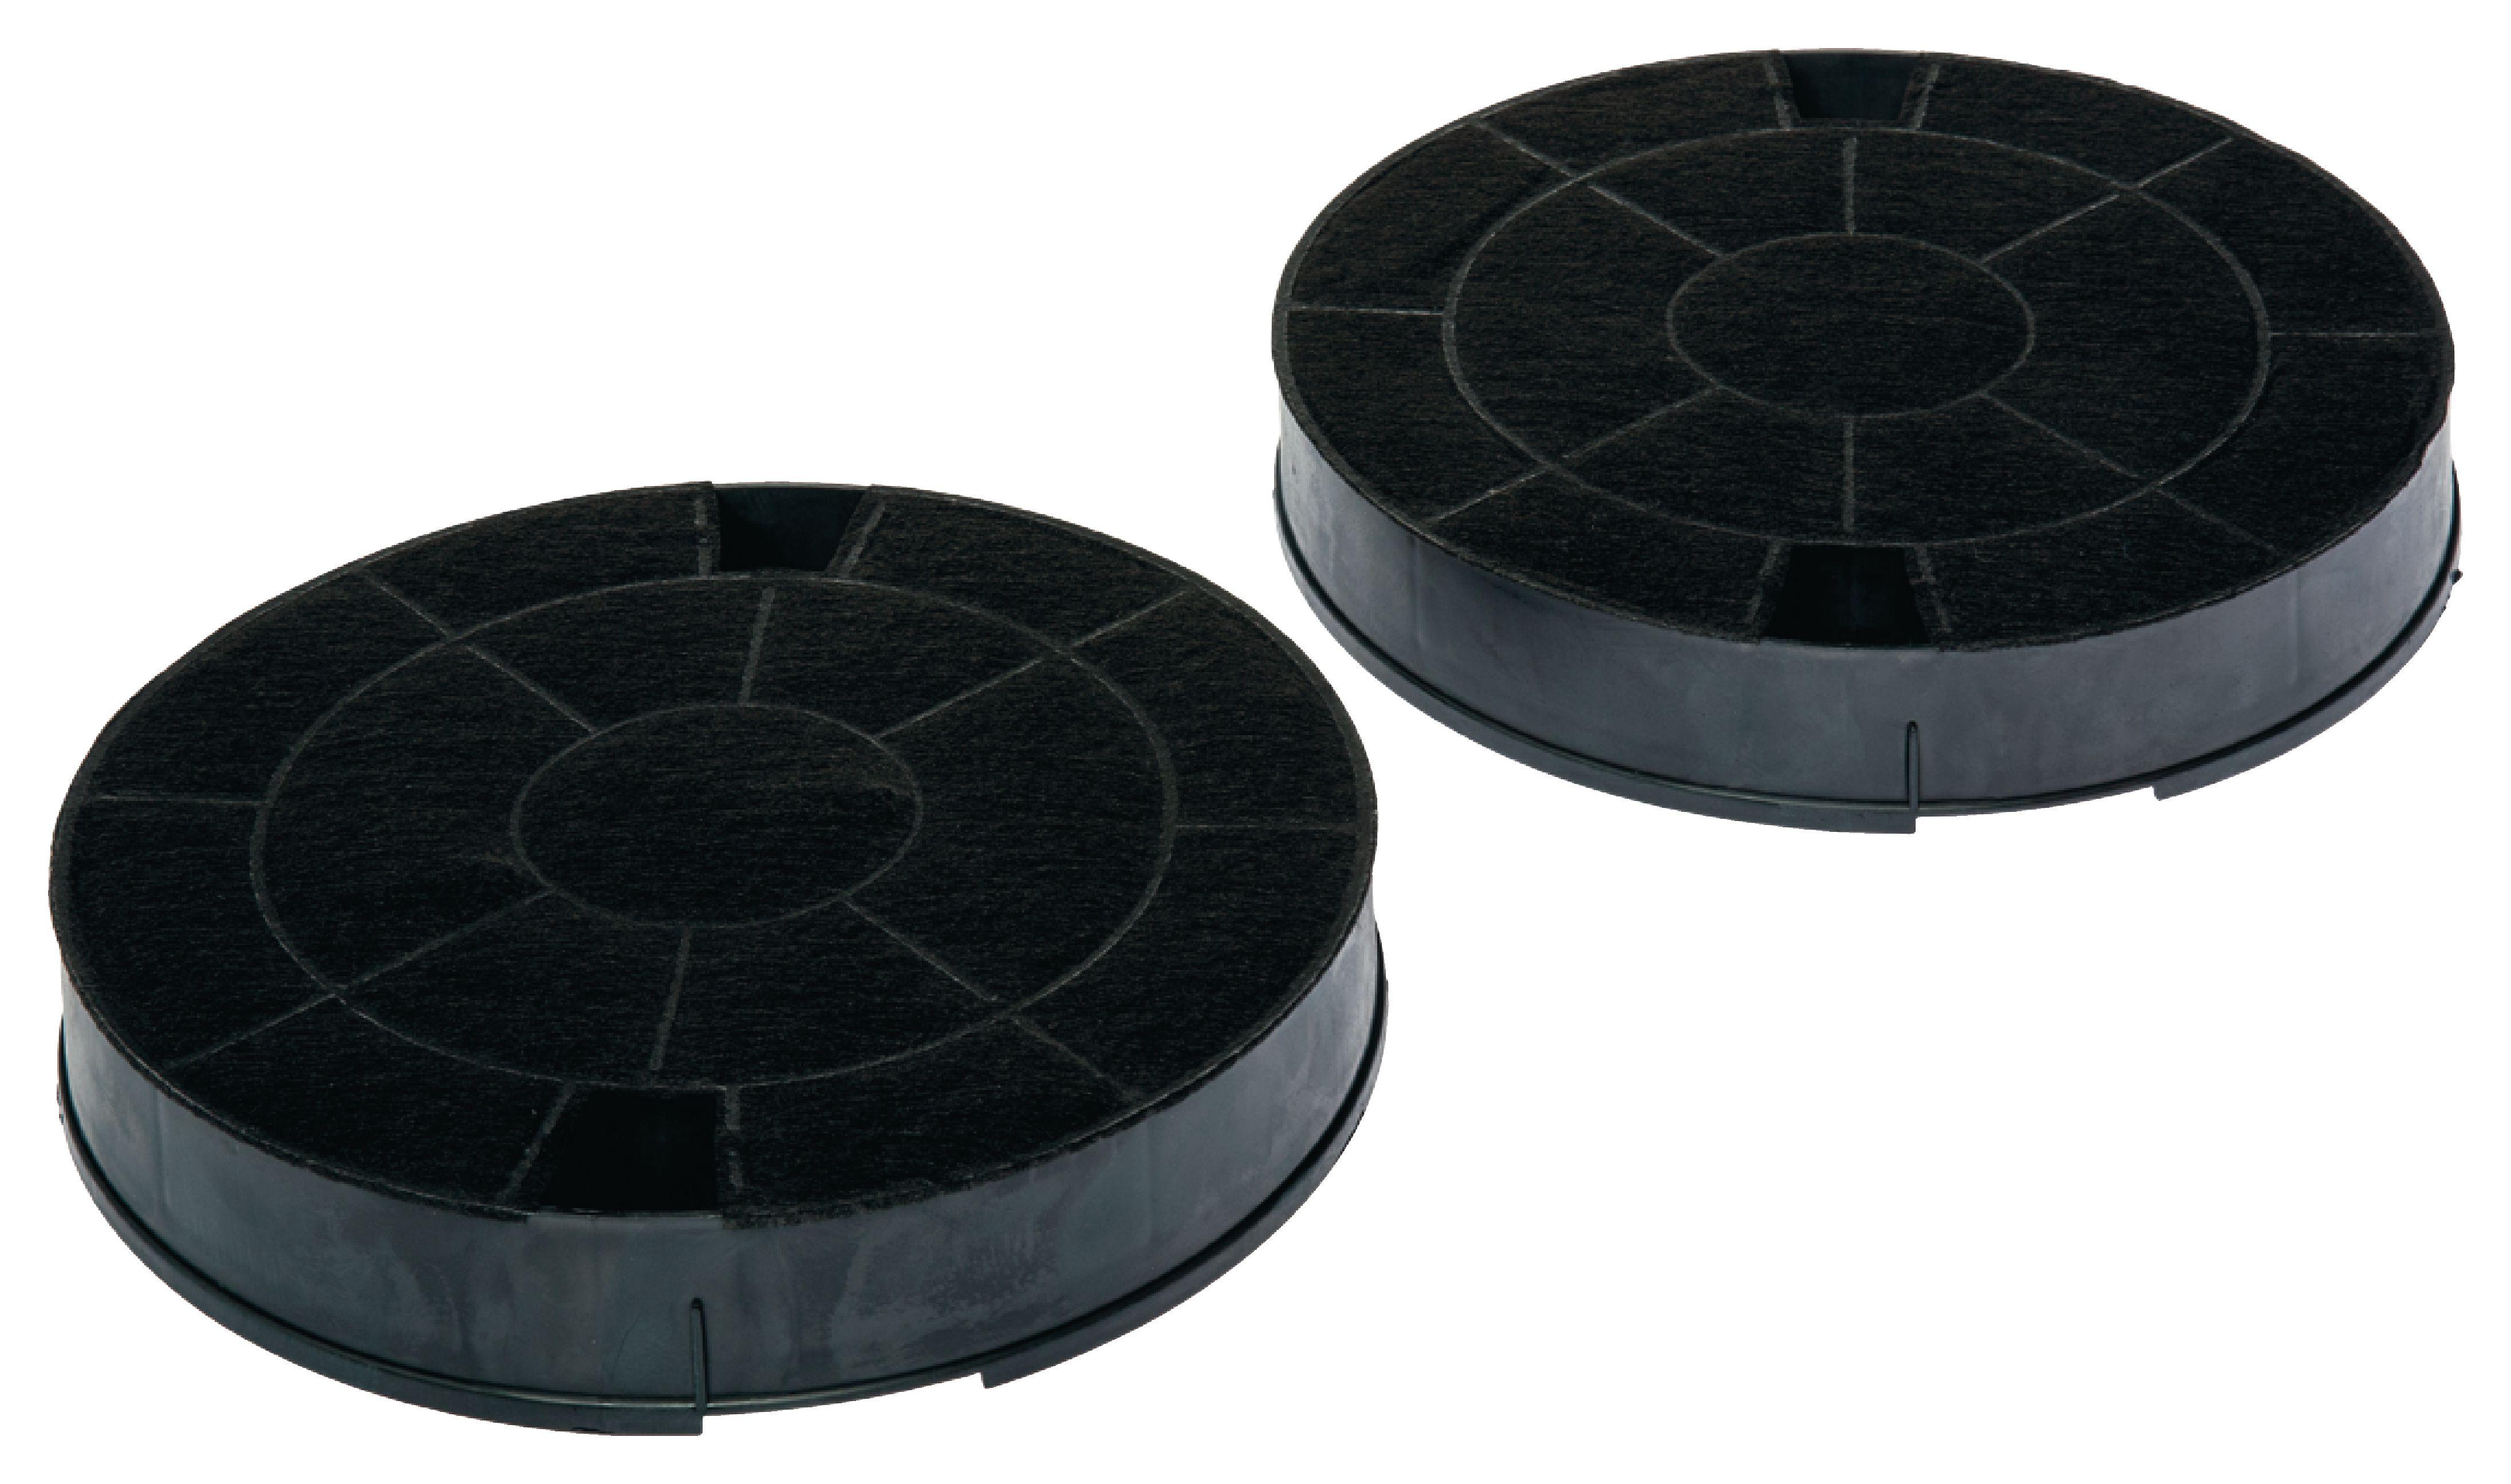 9029793586 electrolux filtre charbon pour hotte 19 for Hotte de cuisine filtre charbon